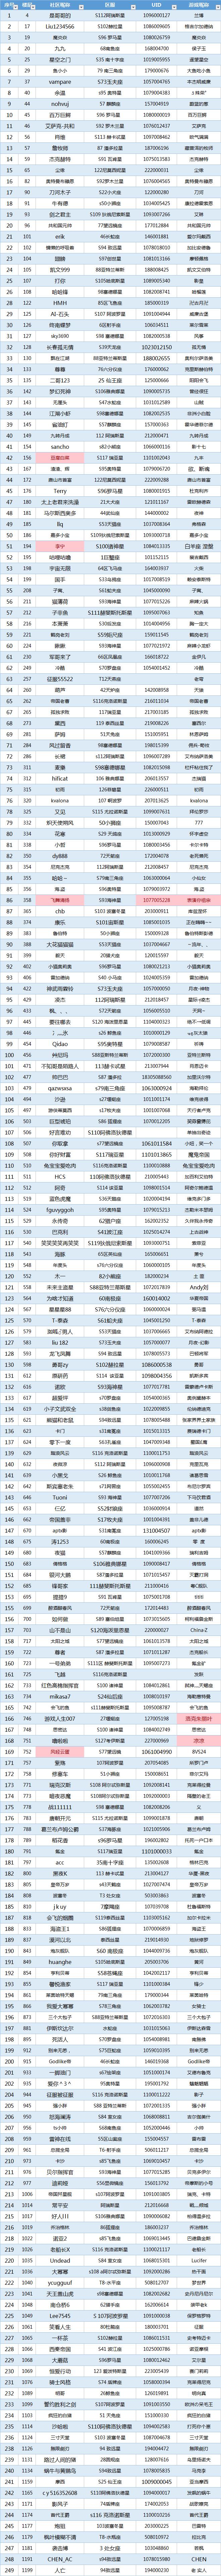 战舰双十二奖励名单1.png